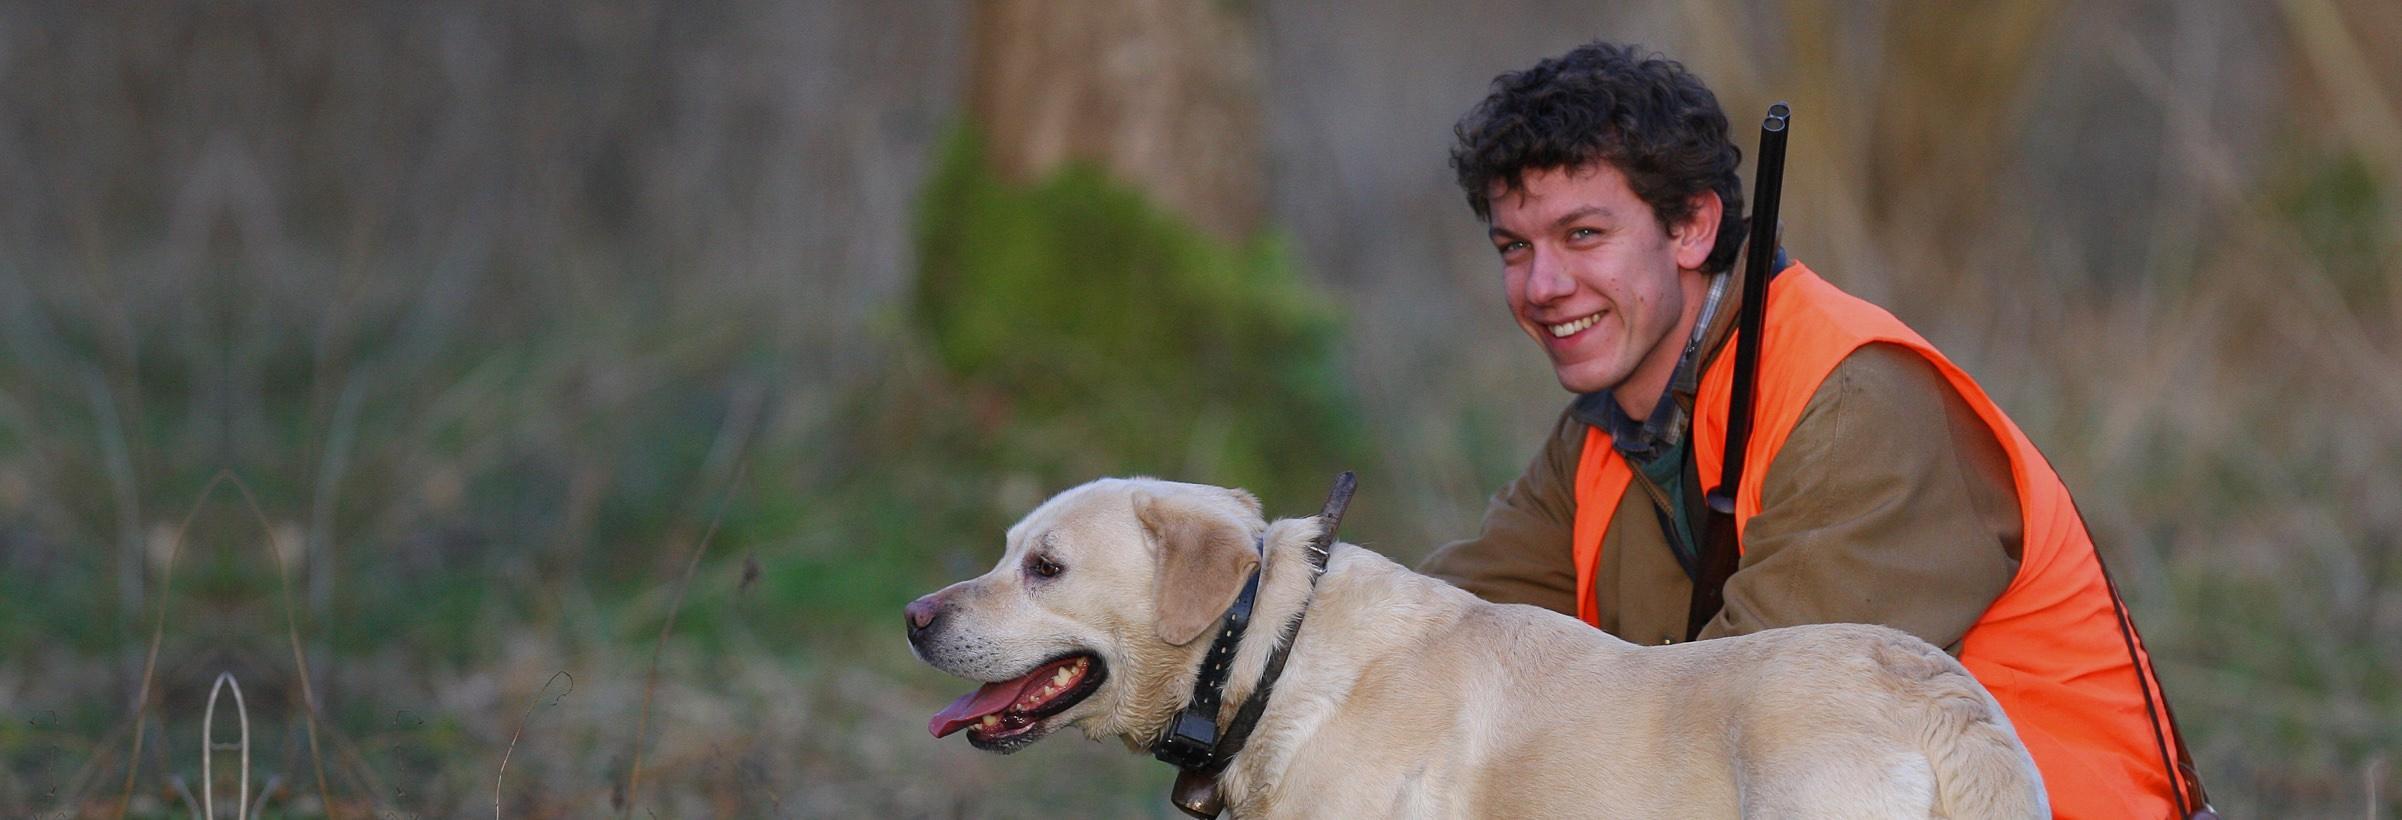 Complicité entre un chasseur et son chien de chasse labrador